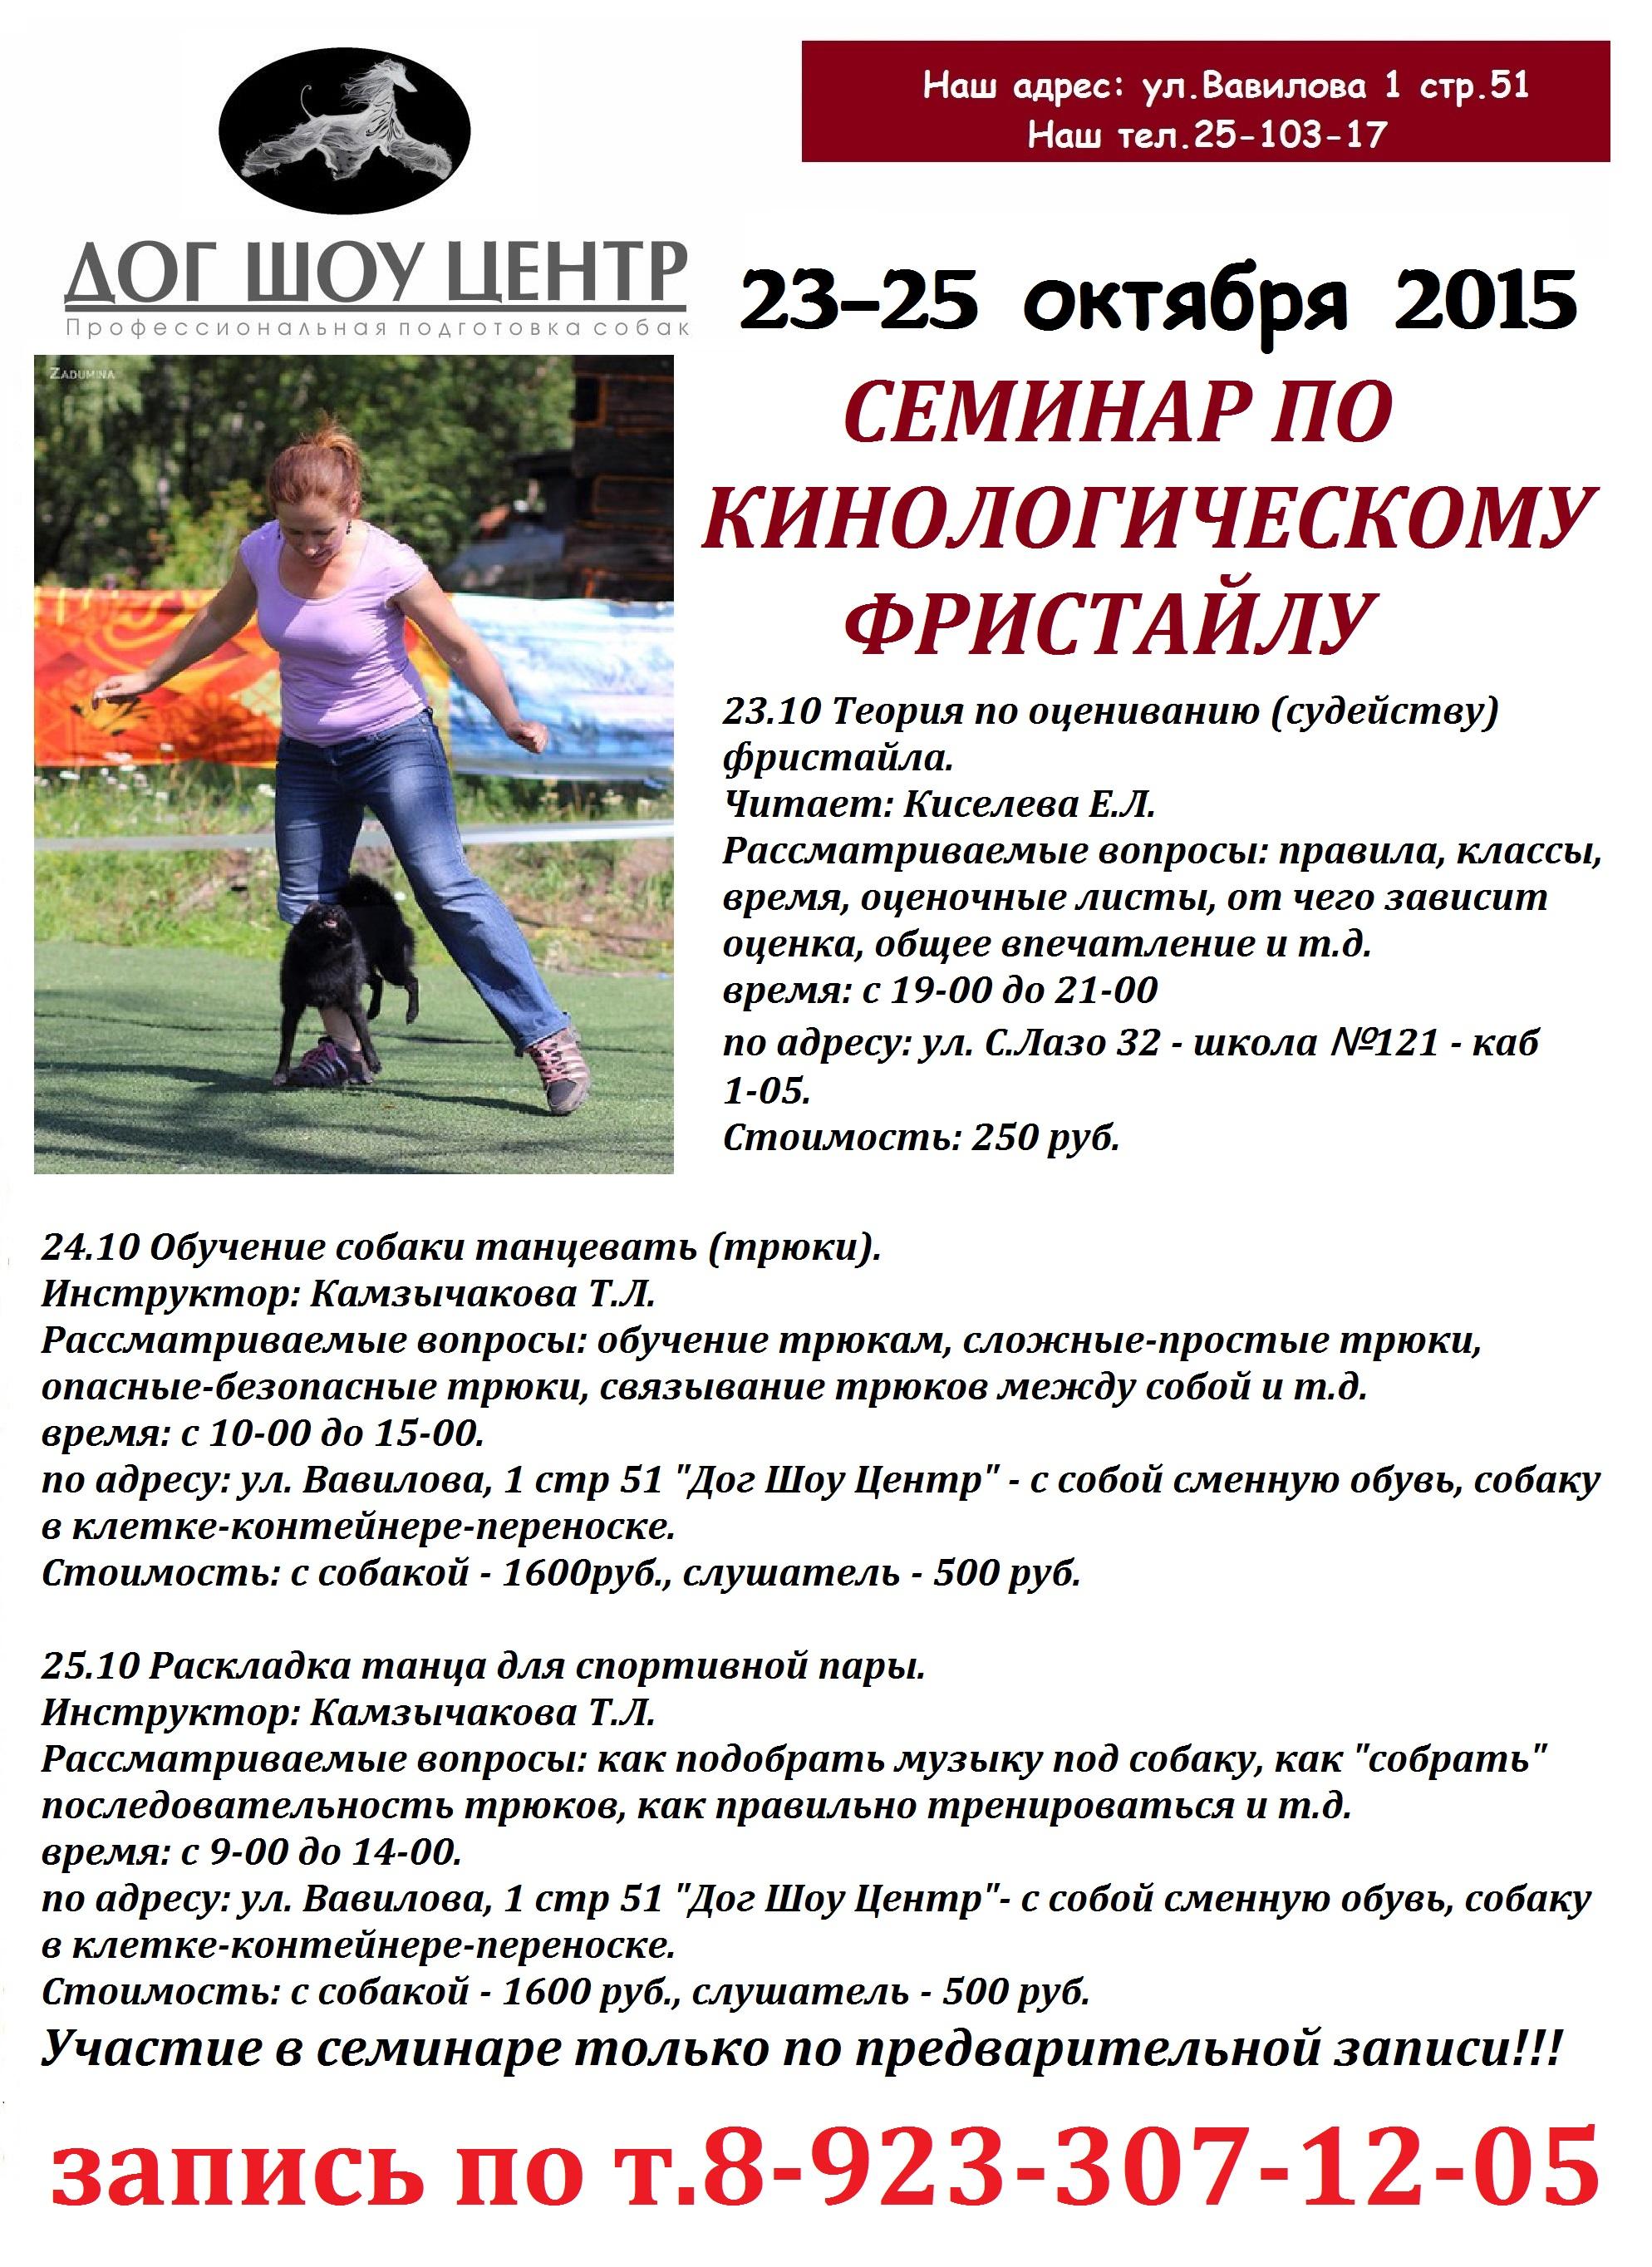 http://s6.uploads.ru/NUR83.jpg